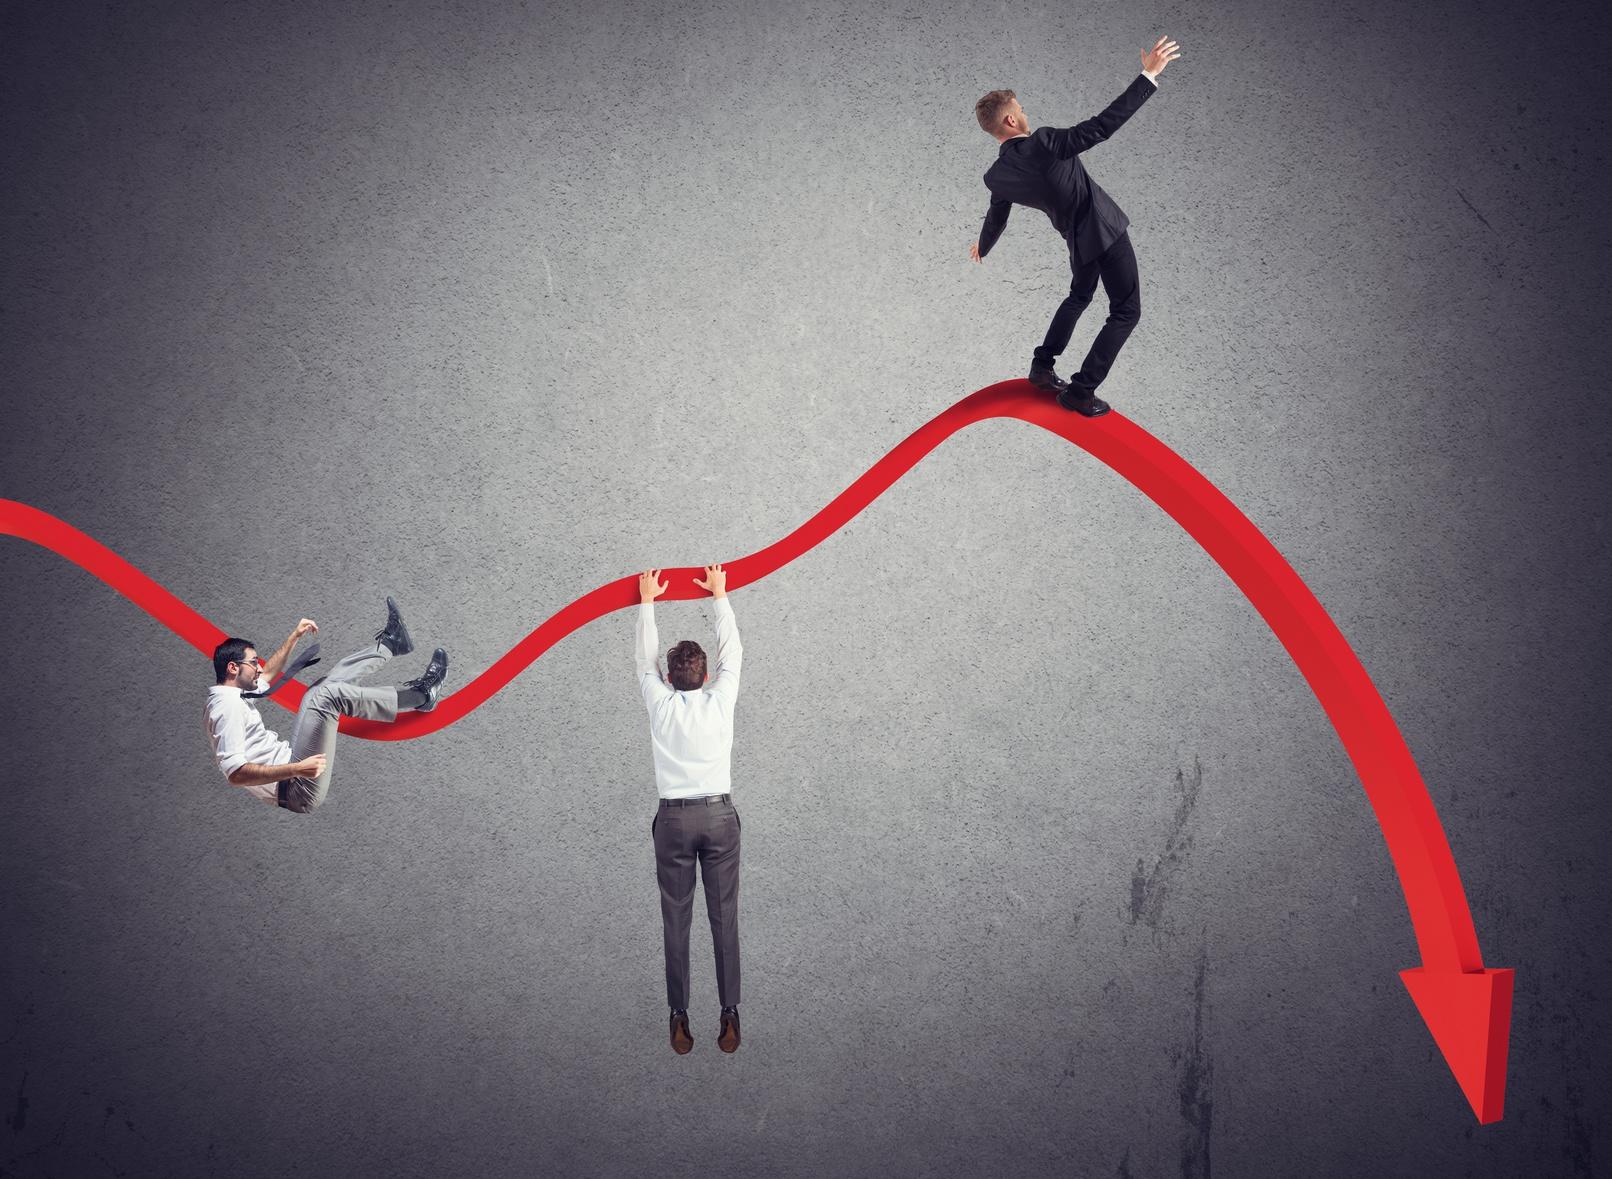 Как продвигать бизнес в кризис?